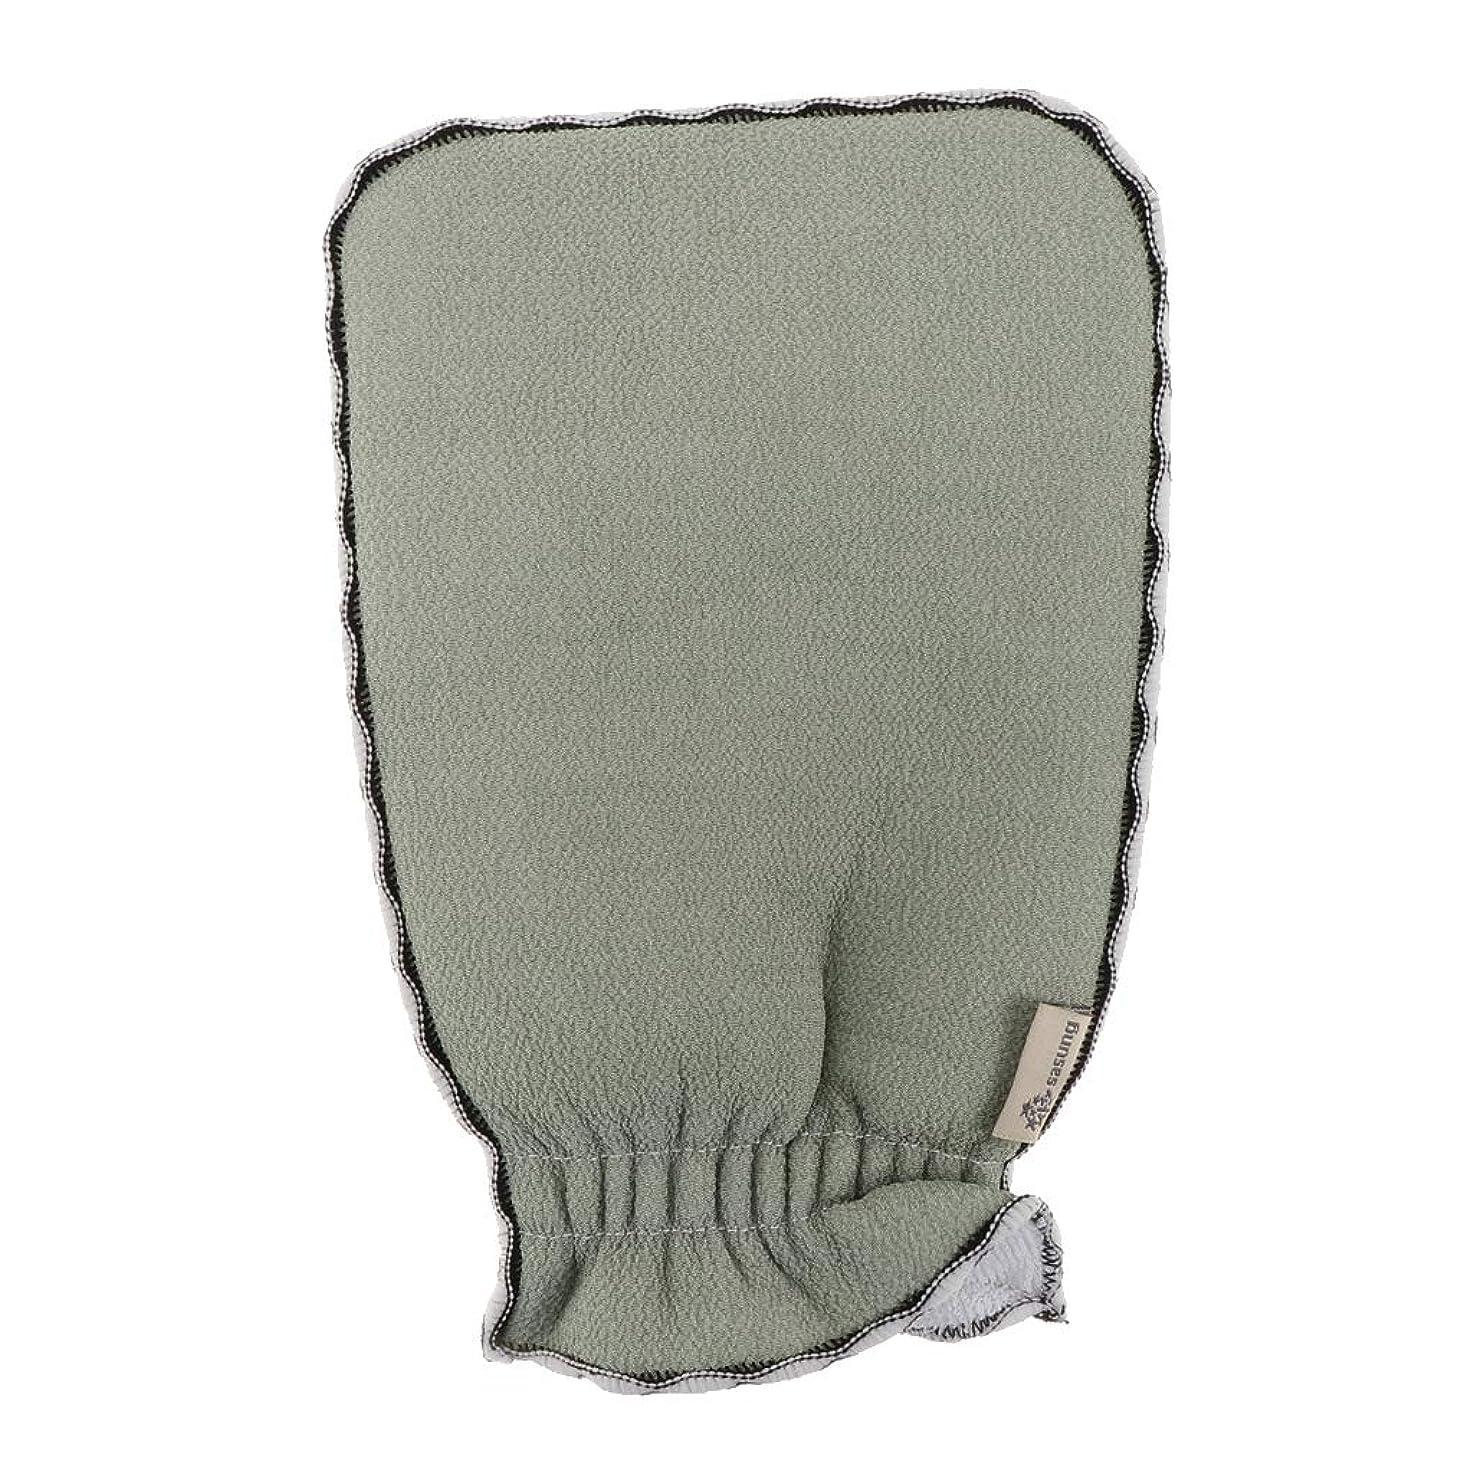 不健康ピケ突破口Hellery 全3色 浴用手袋 あかすり ボディタオル 入浴用品 バス用品 垢すり手袋 毛穴清潔 角質除去 - ライトグリーン